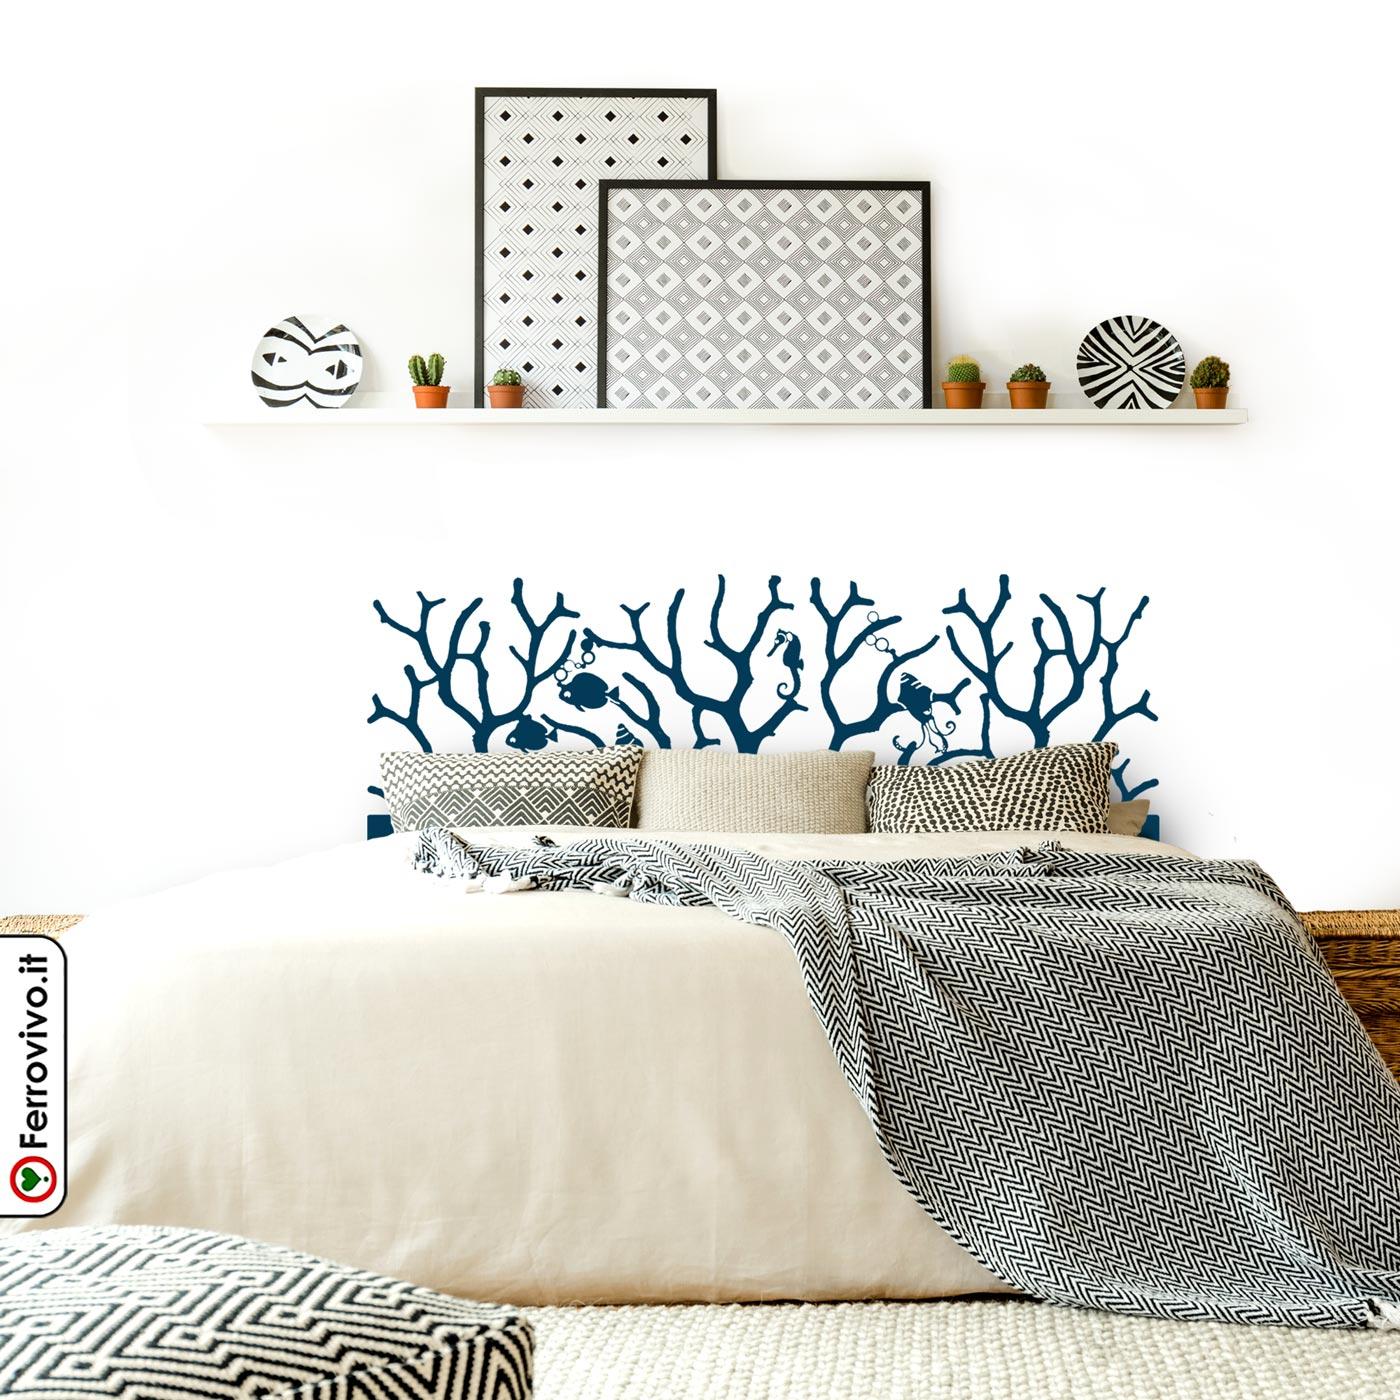 Testata letto design ferrovivo testiera letto originale - Testata letto originale ...